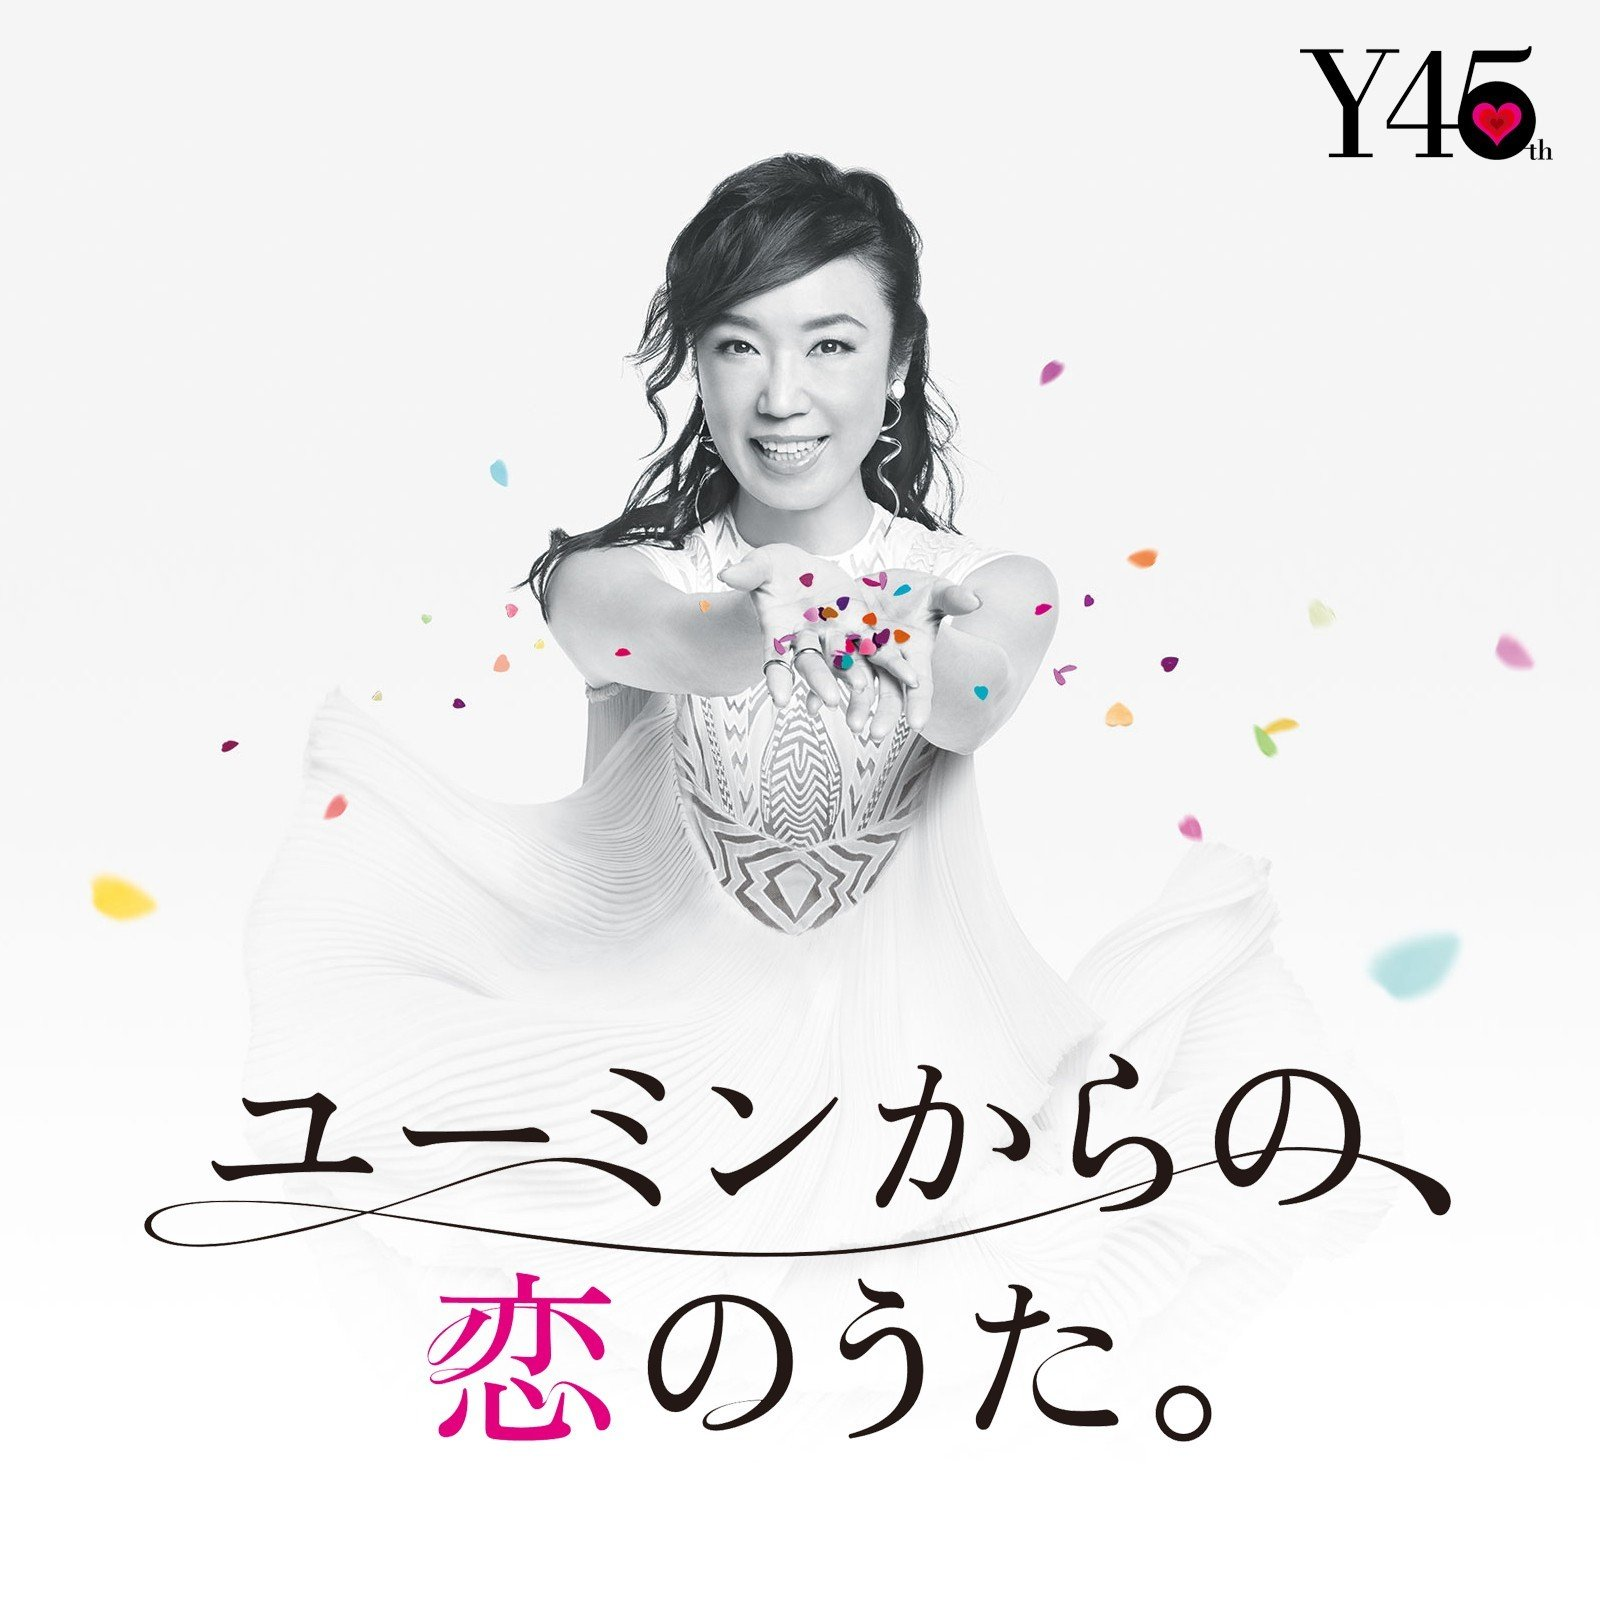 松任谷由実 (Yumi Matsutoya) – 45周年記念ベストアルバム ユーミンからの、恋のうた。 (Remastered 2019) [FLAC / 24bit Lossless / WEB] [2018.04.11]